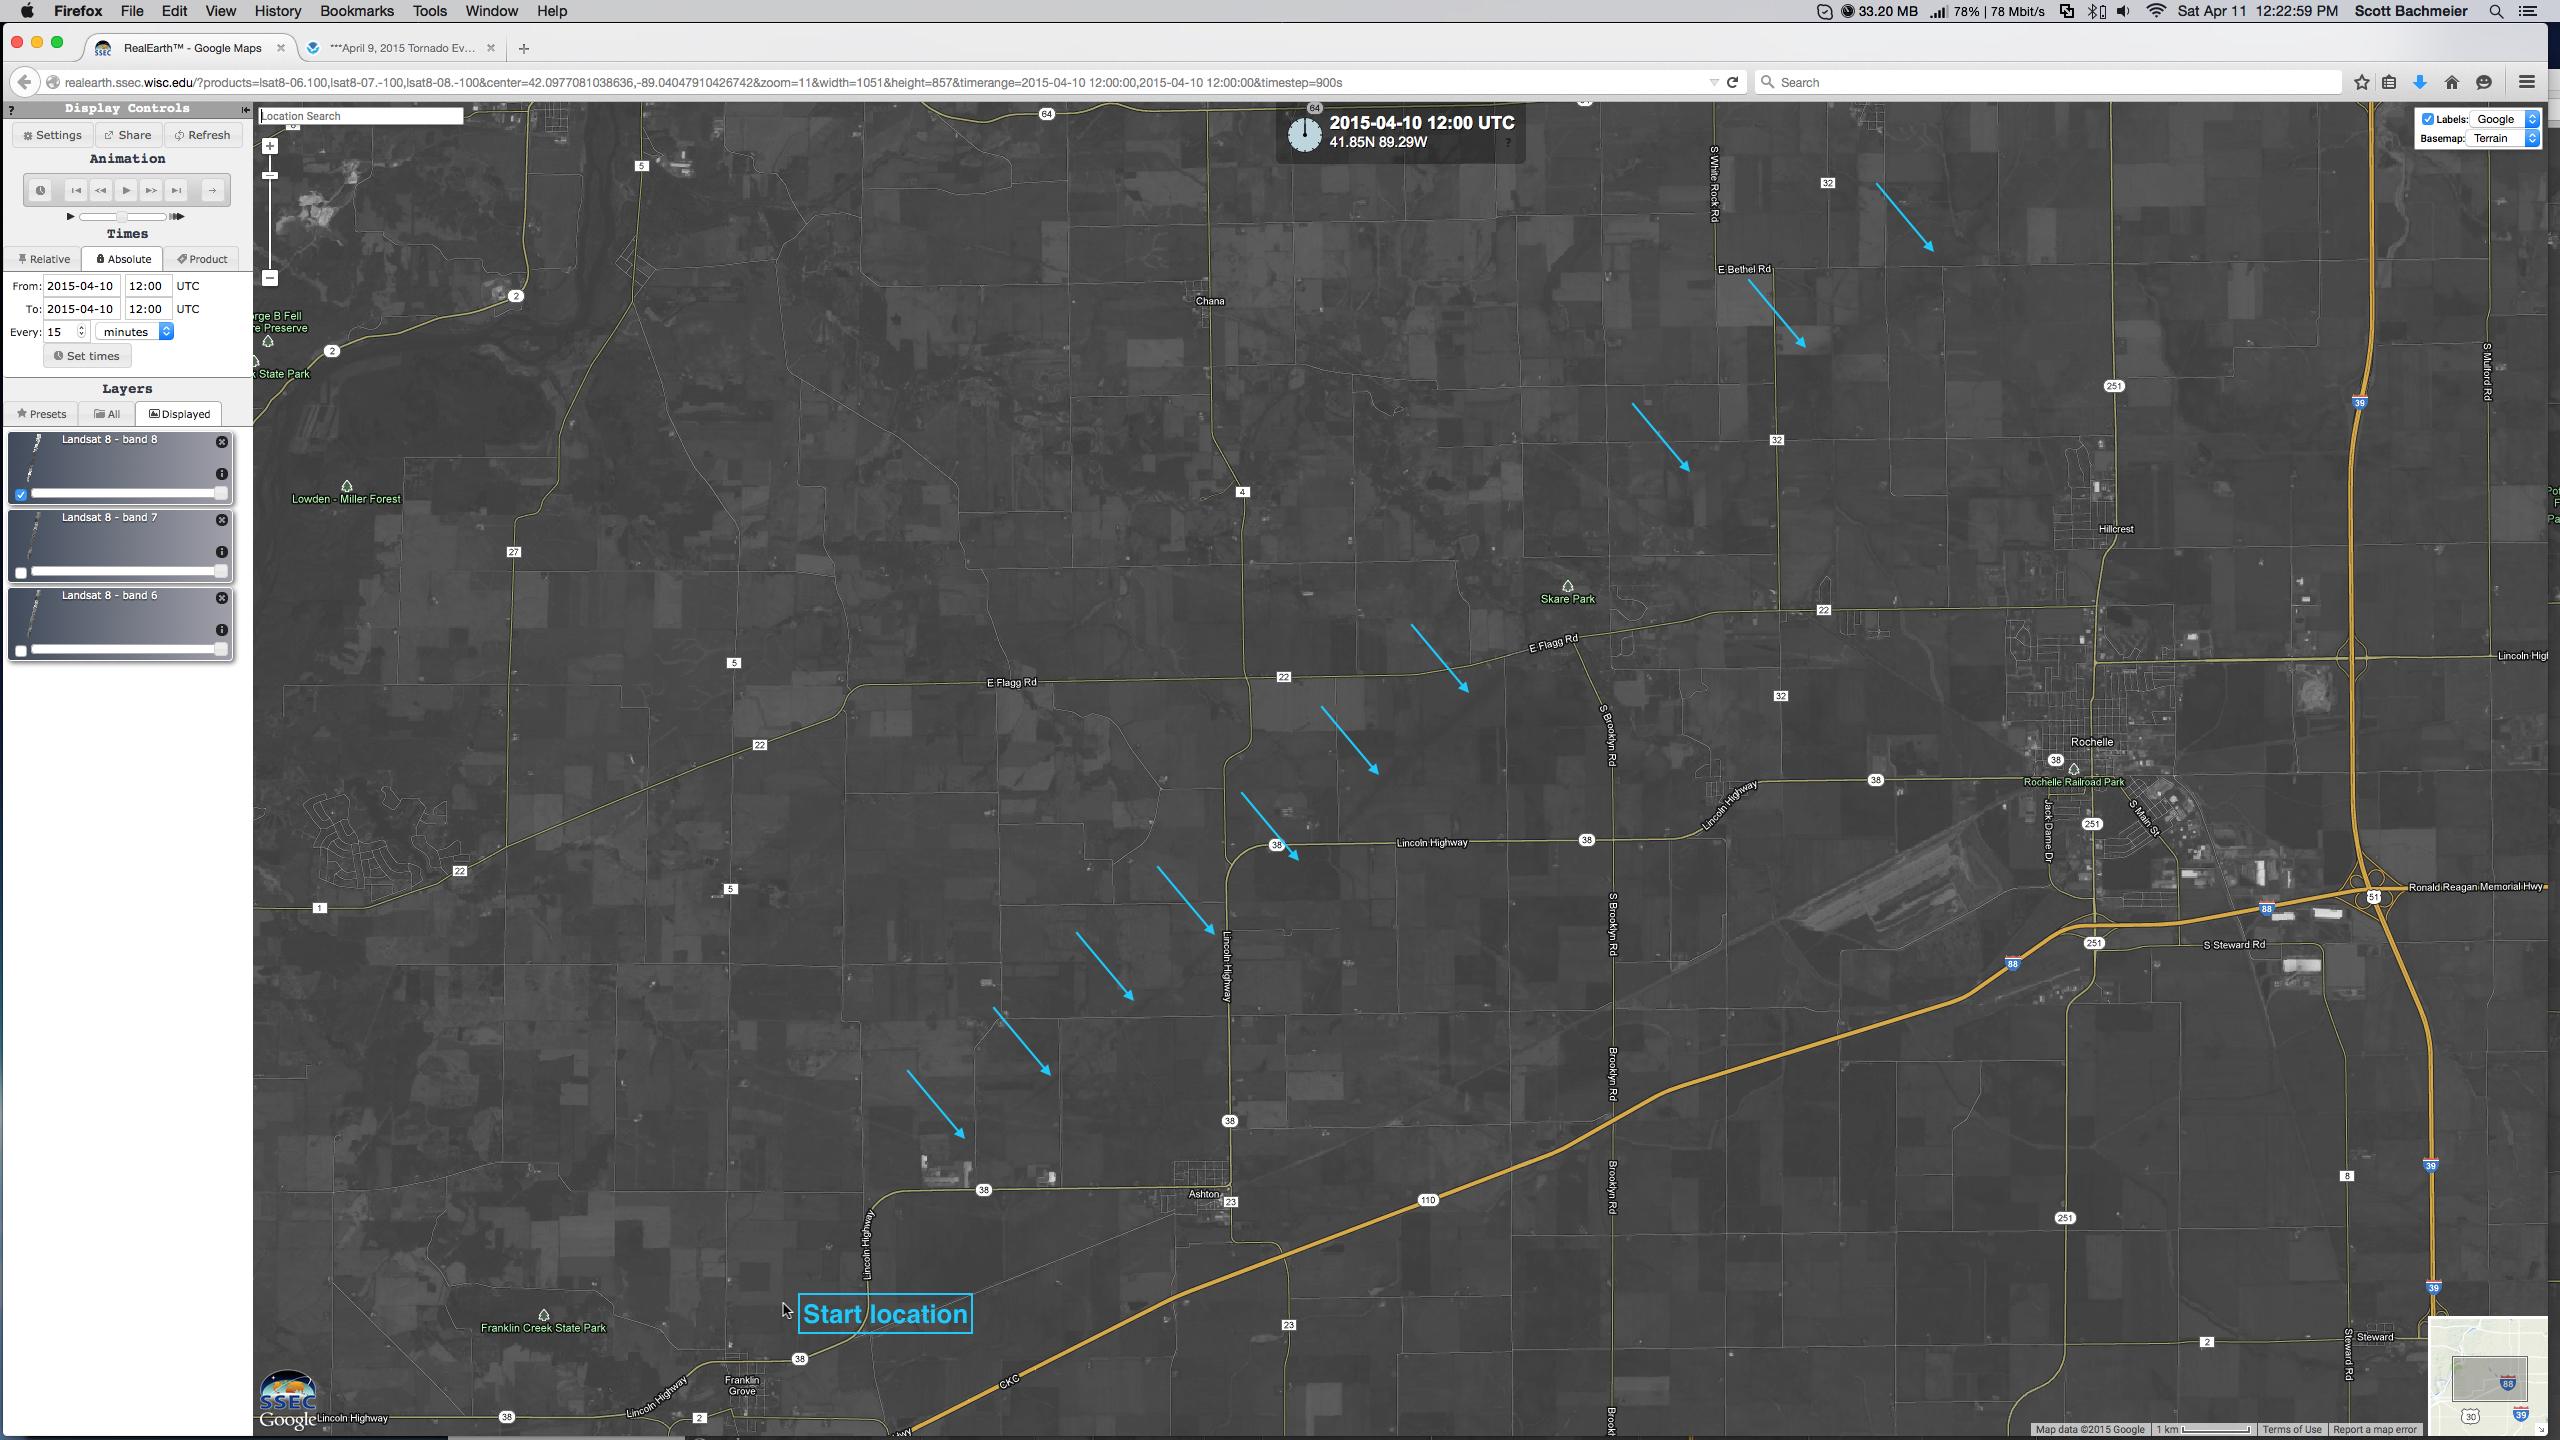 Landsat-8 0.59 µm panchromatic visible image of southwestern portion of tornado damage track (click to enlarge)